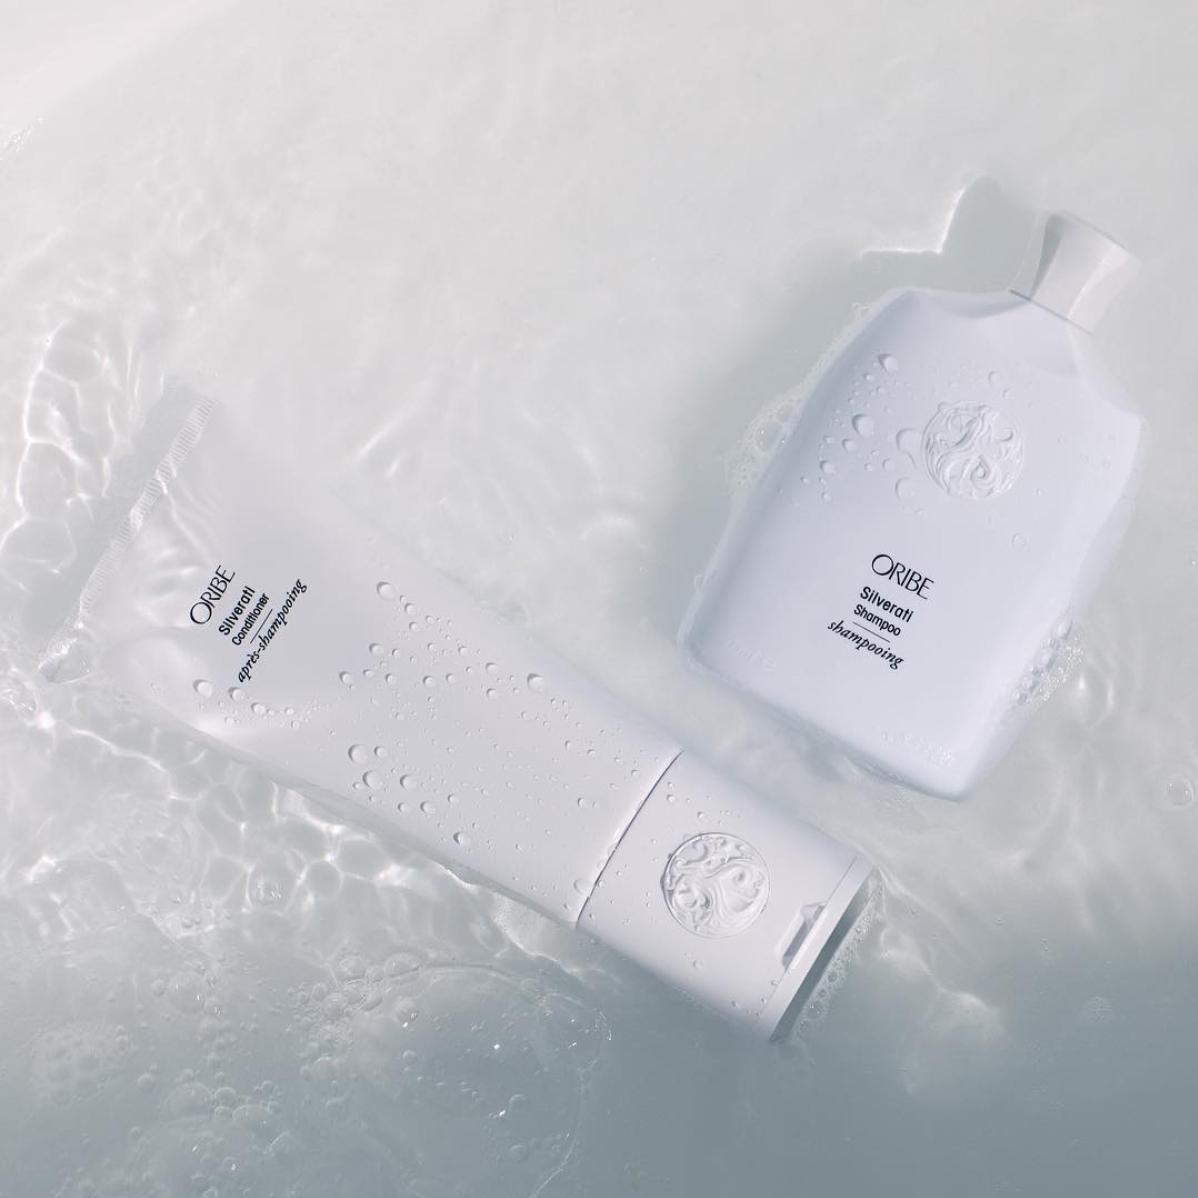 Oribe silverati shampoo and conditioner